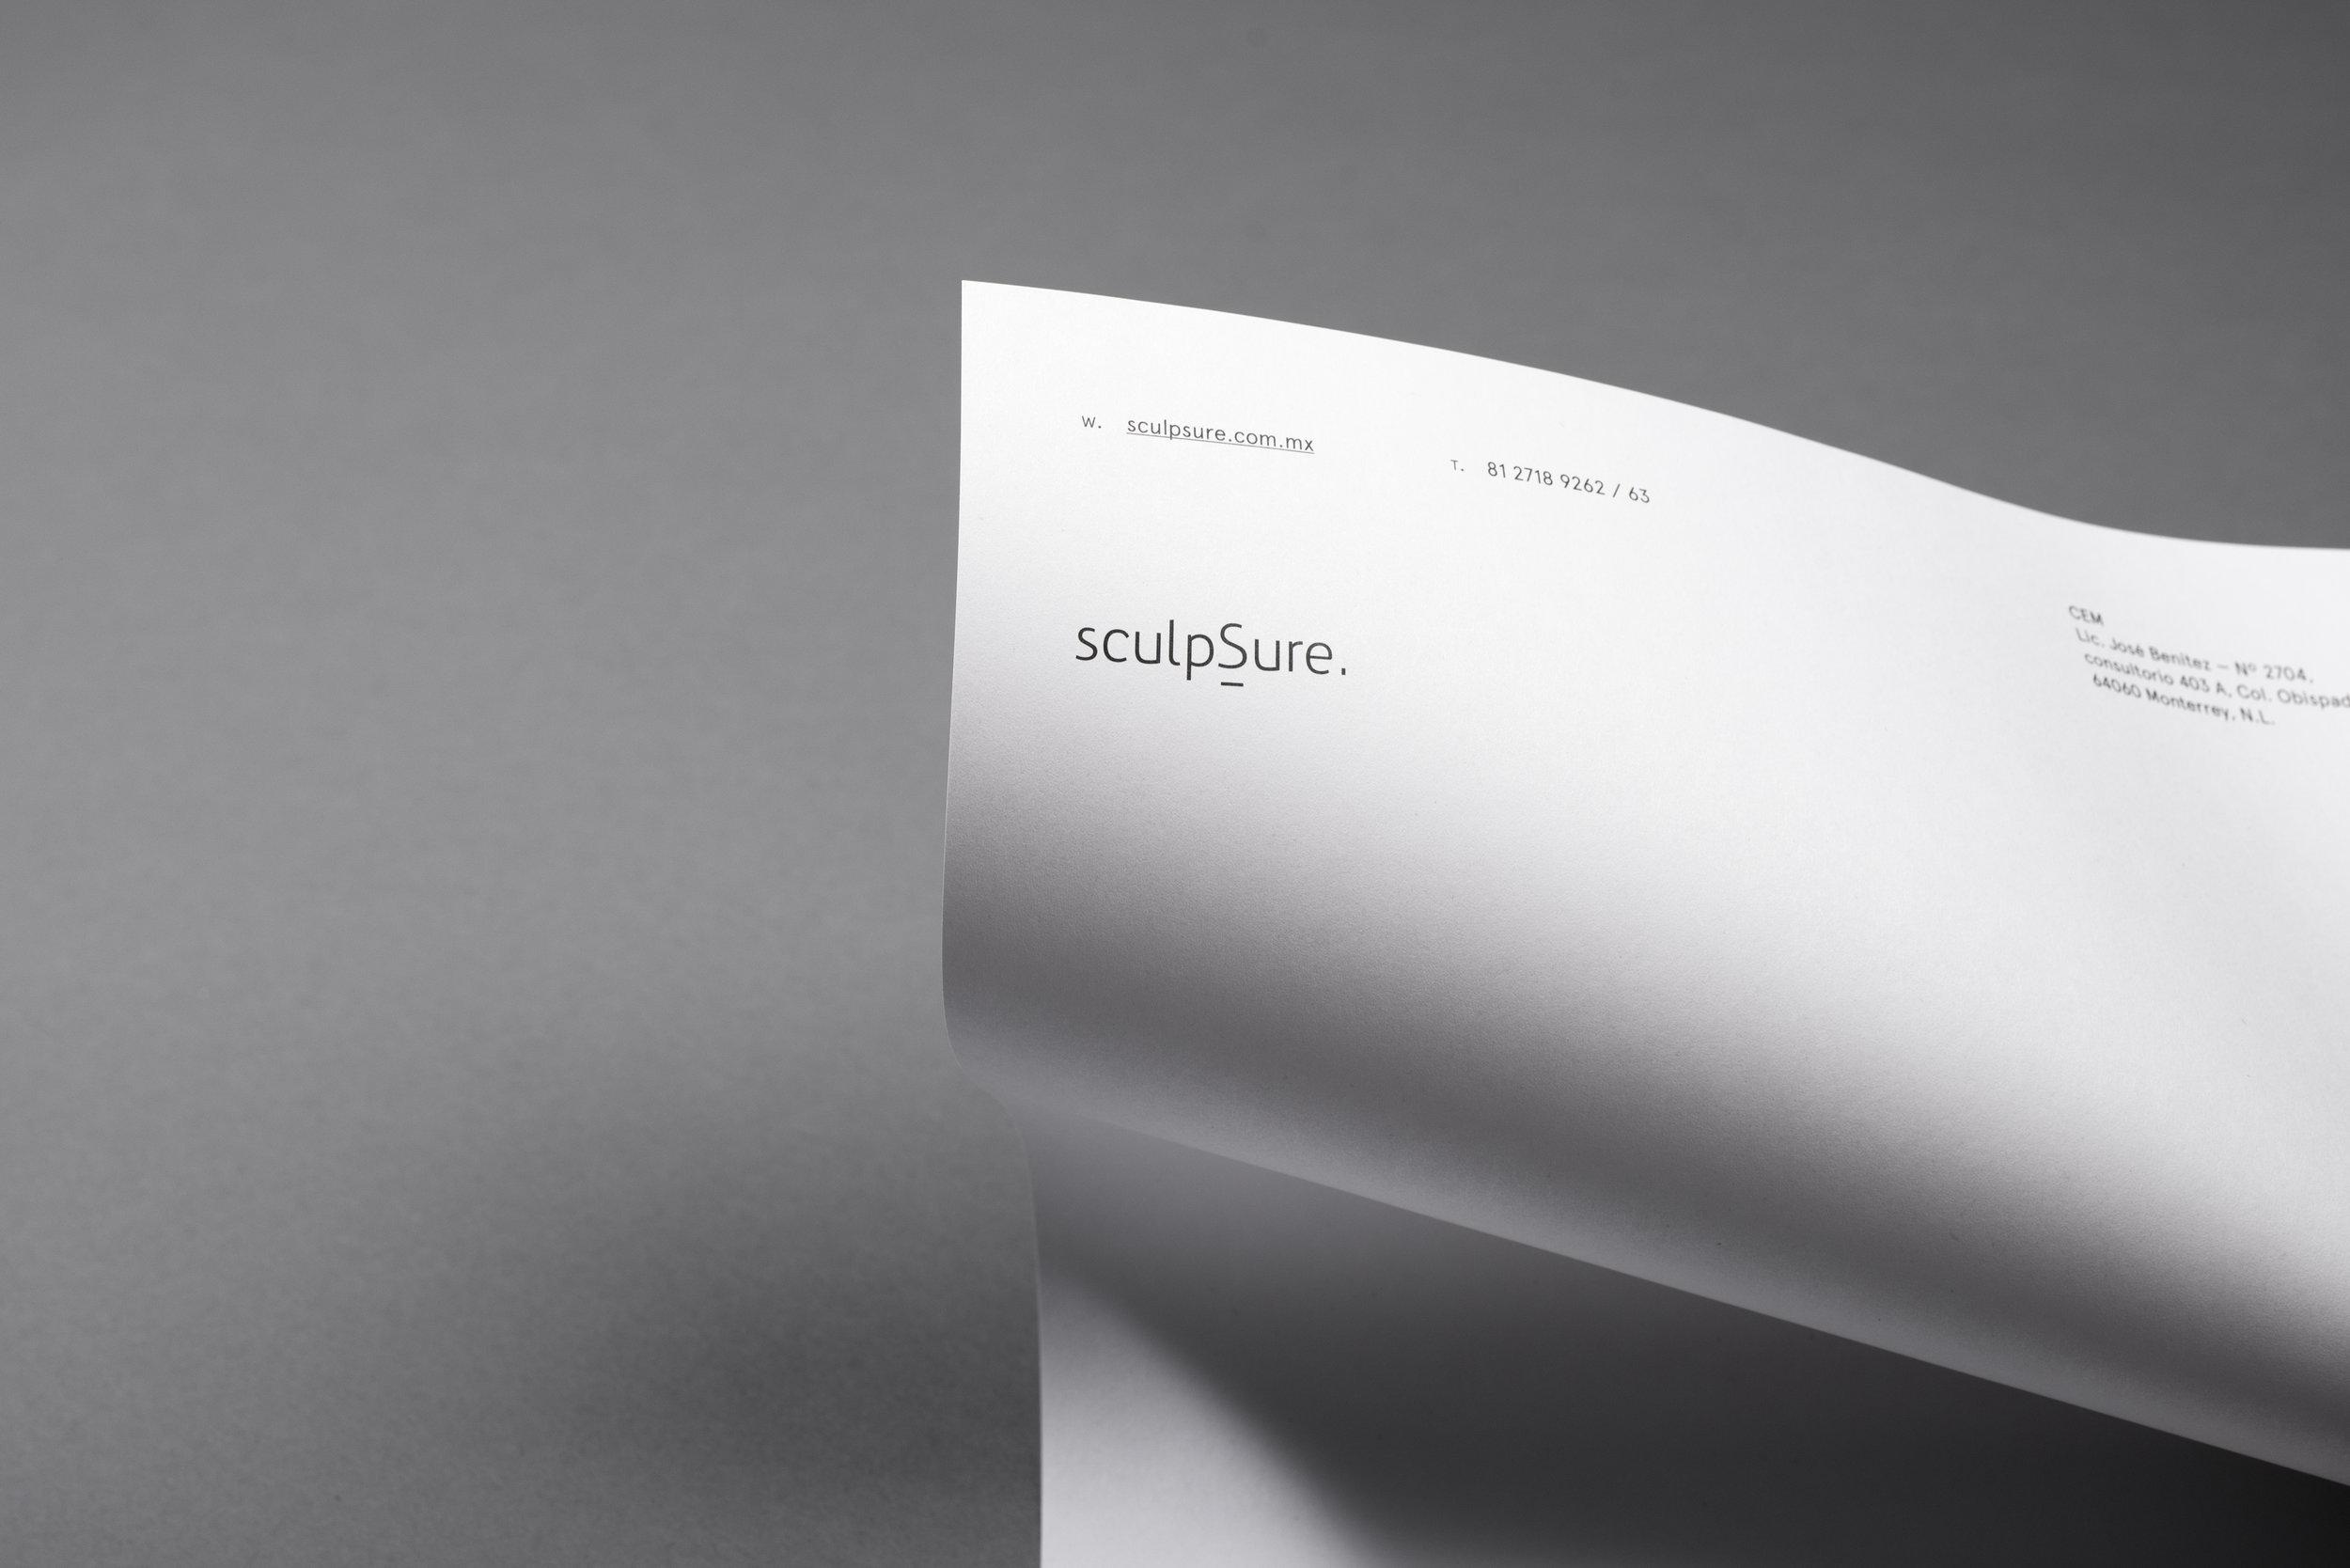 LAT_Sculpsure_Letterhead.jpg